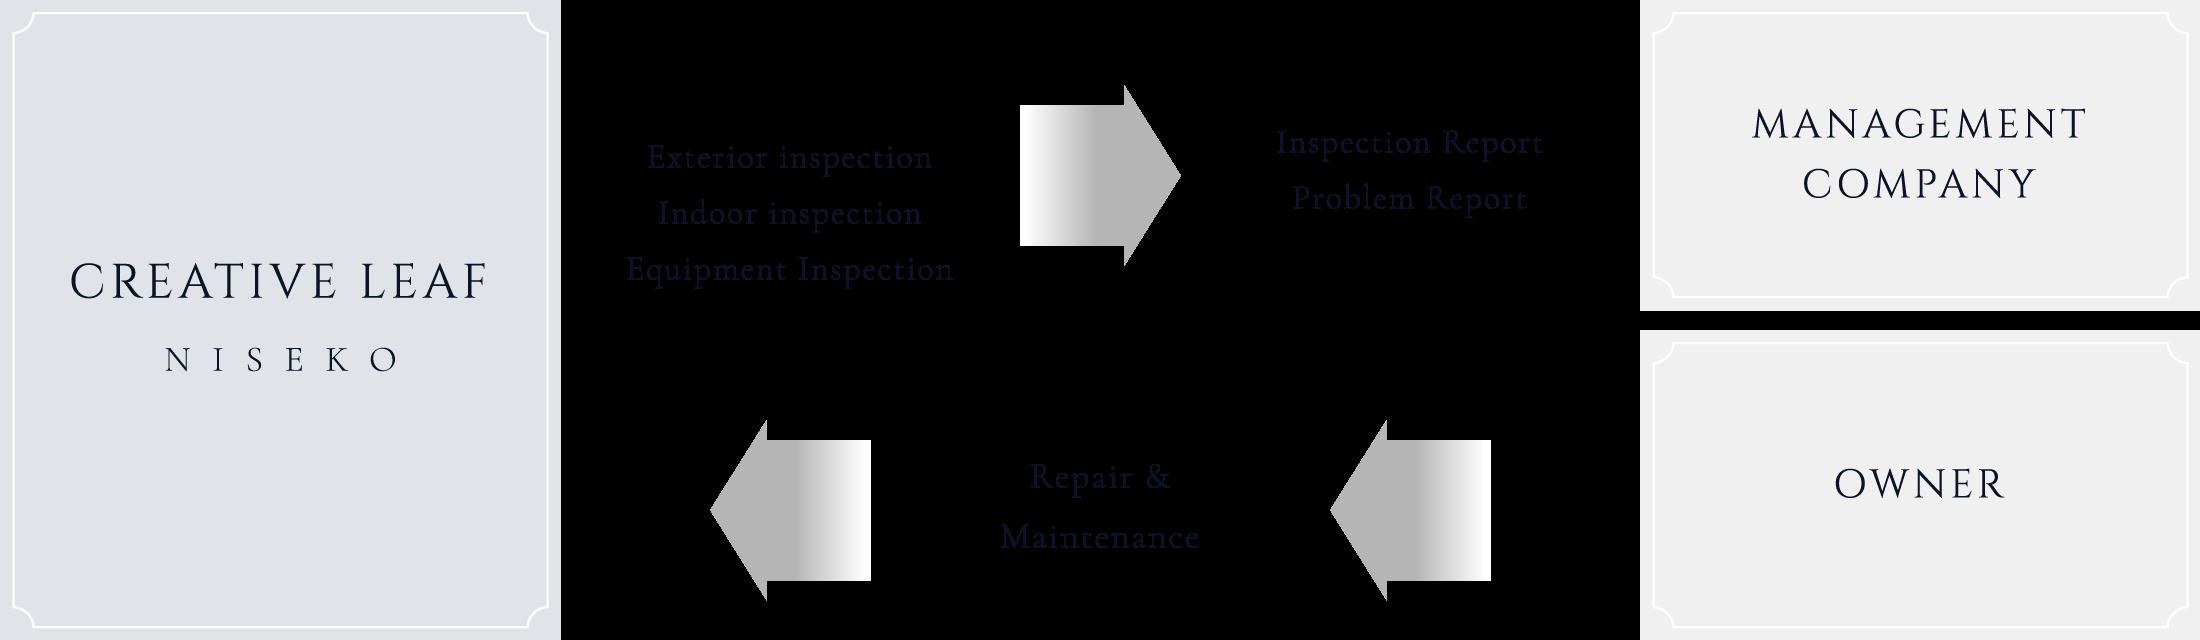 メンテナンスの図